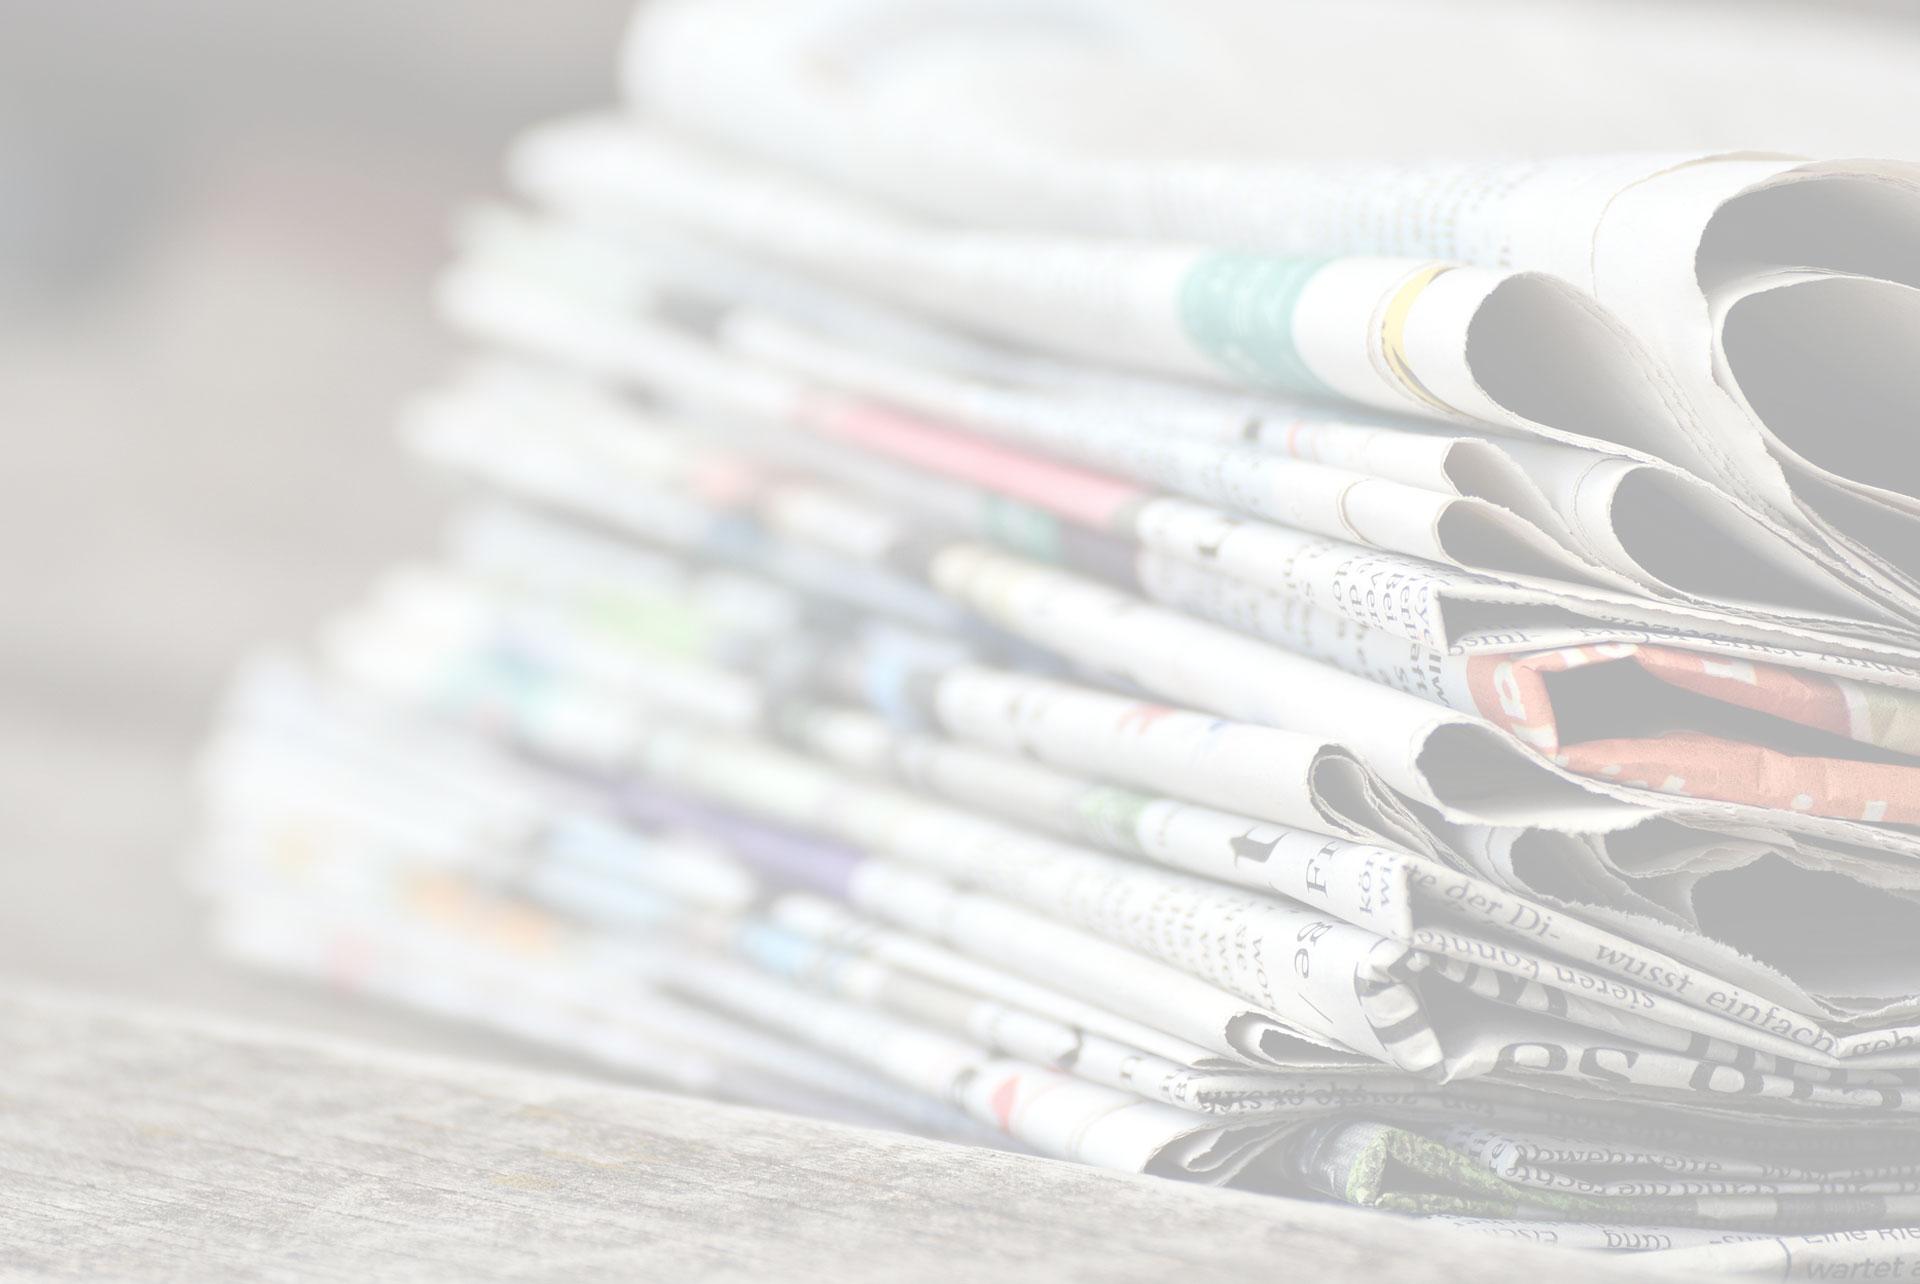 Svolta in Scozia, assorbenti gratis per tutti: è la prima volta nel mondo